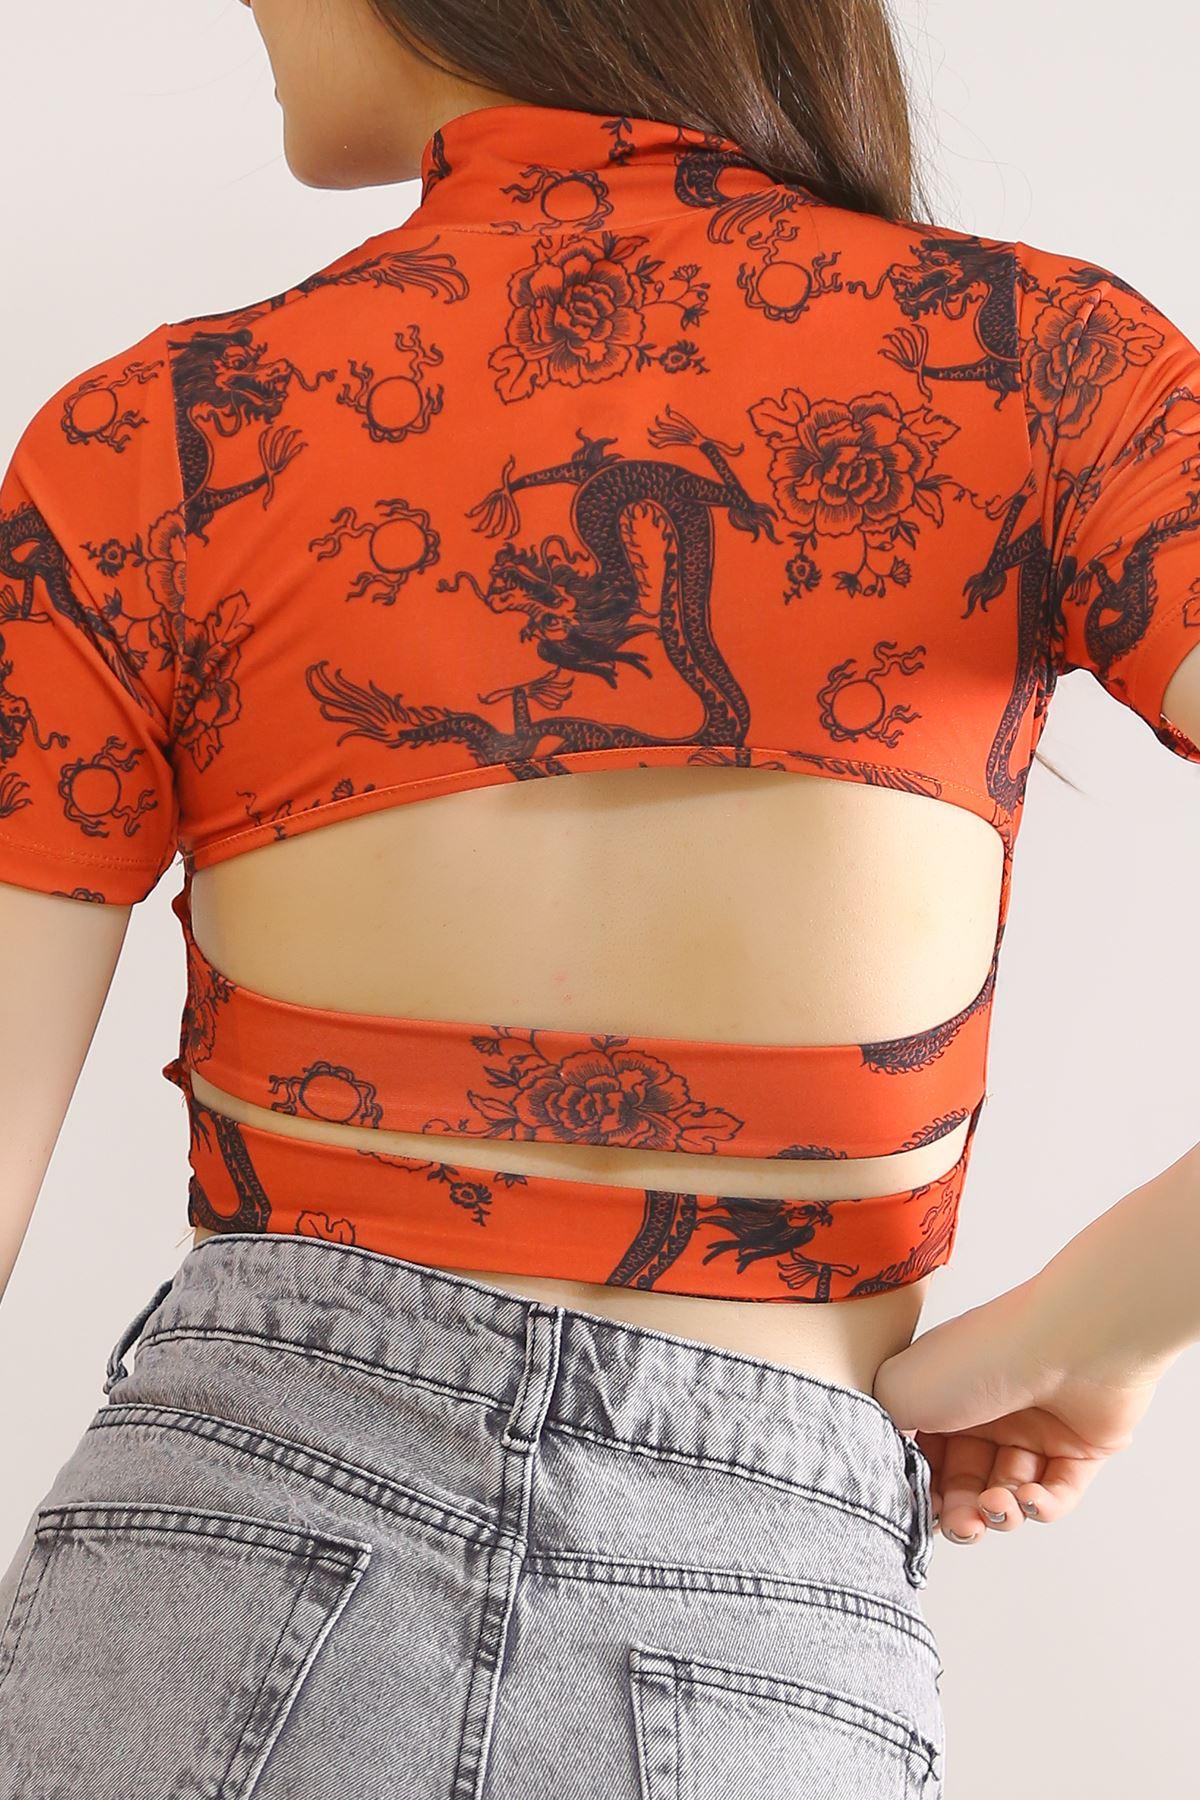 Digital Baskı Crop Tişört Oranj - 5846.1247.